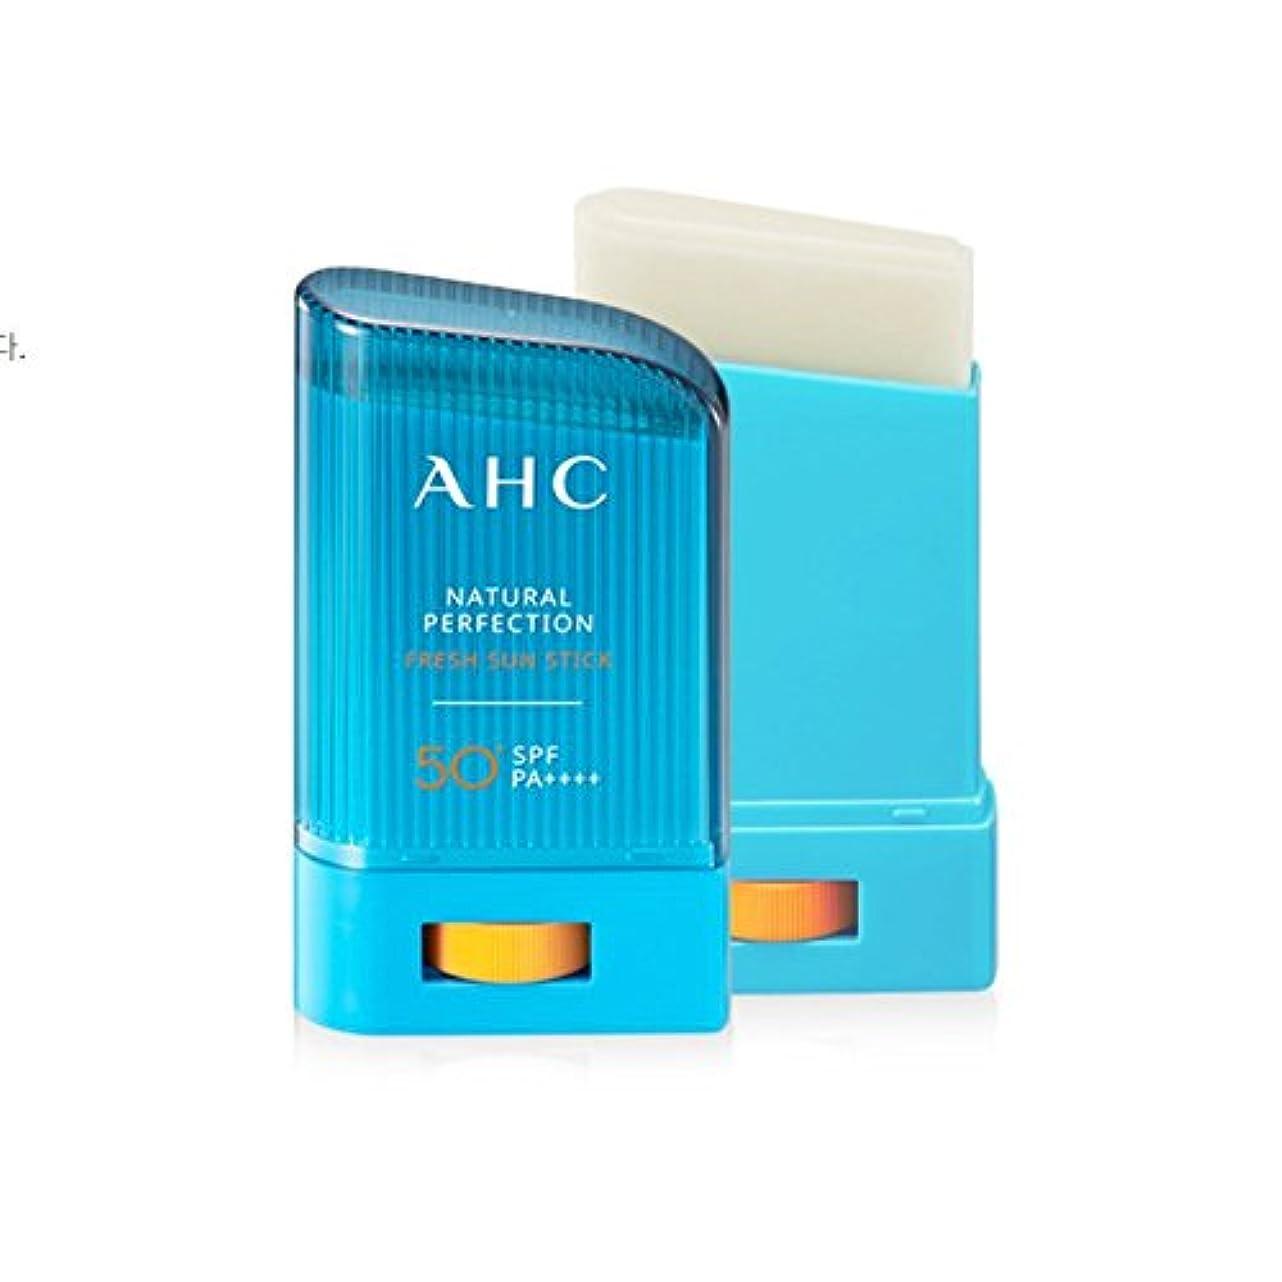 2018年(Renewal) AHC ナチュラル サン スティック 22g/AHC Natural perfection fresh sun stick (22g) [並行輸入品]